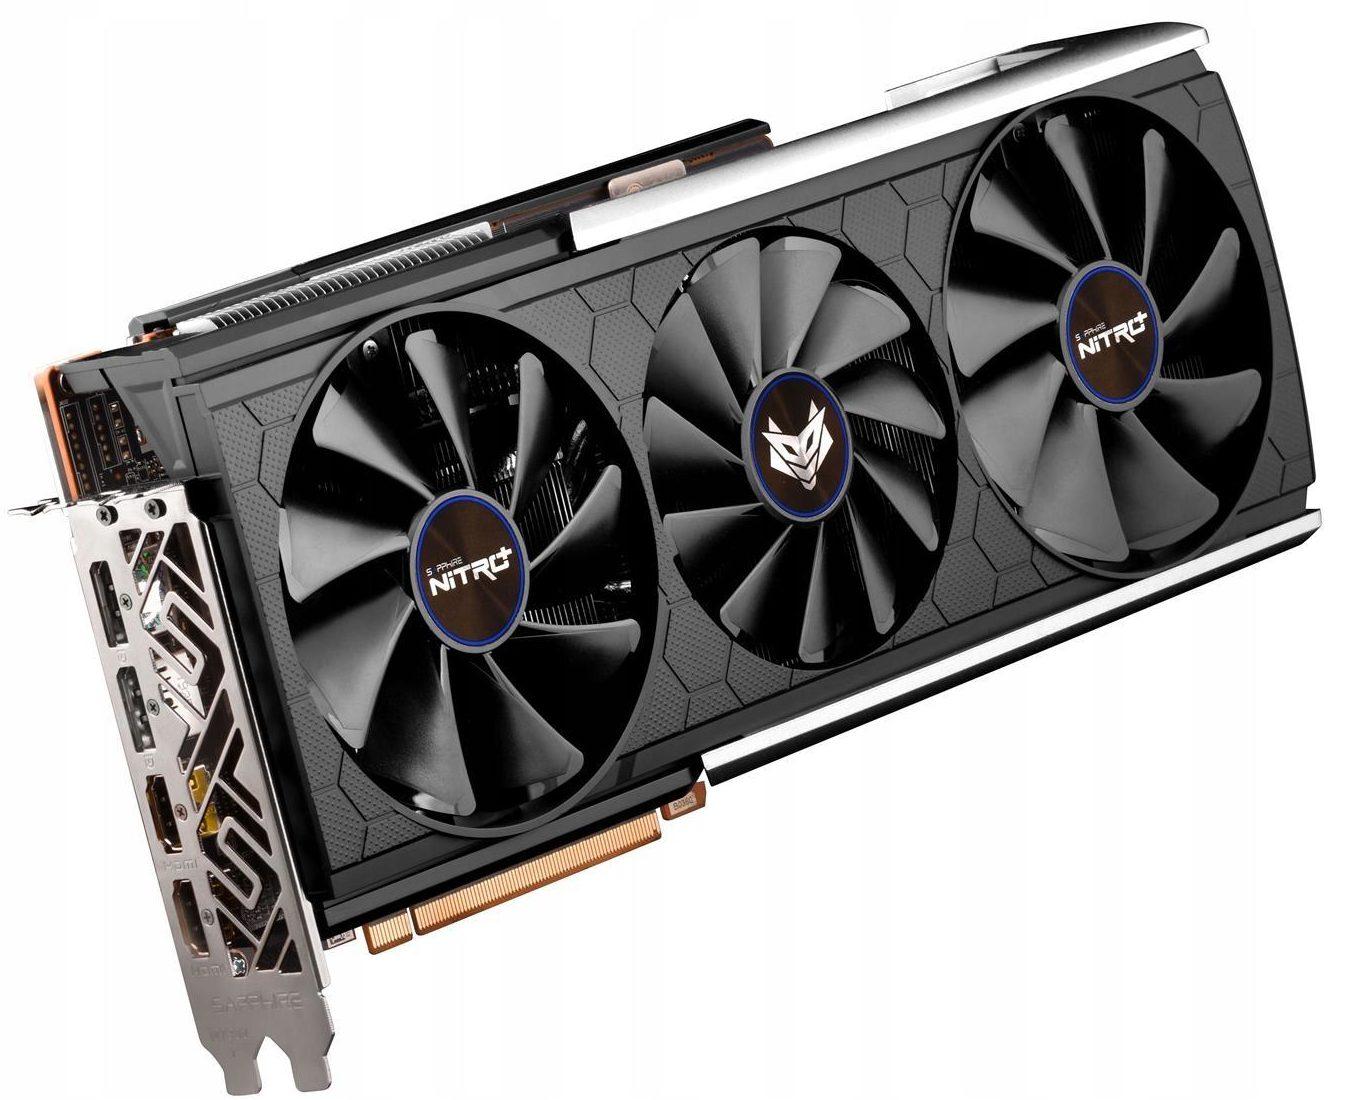 Radeon RX 5700 XT 1770MHz